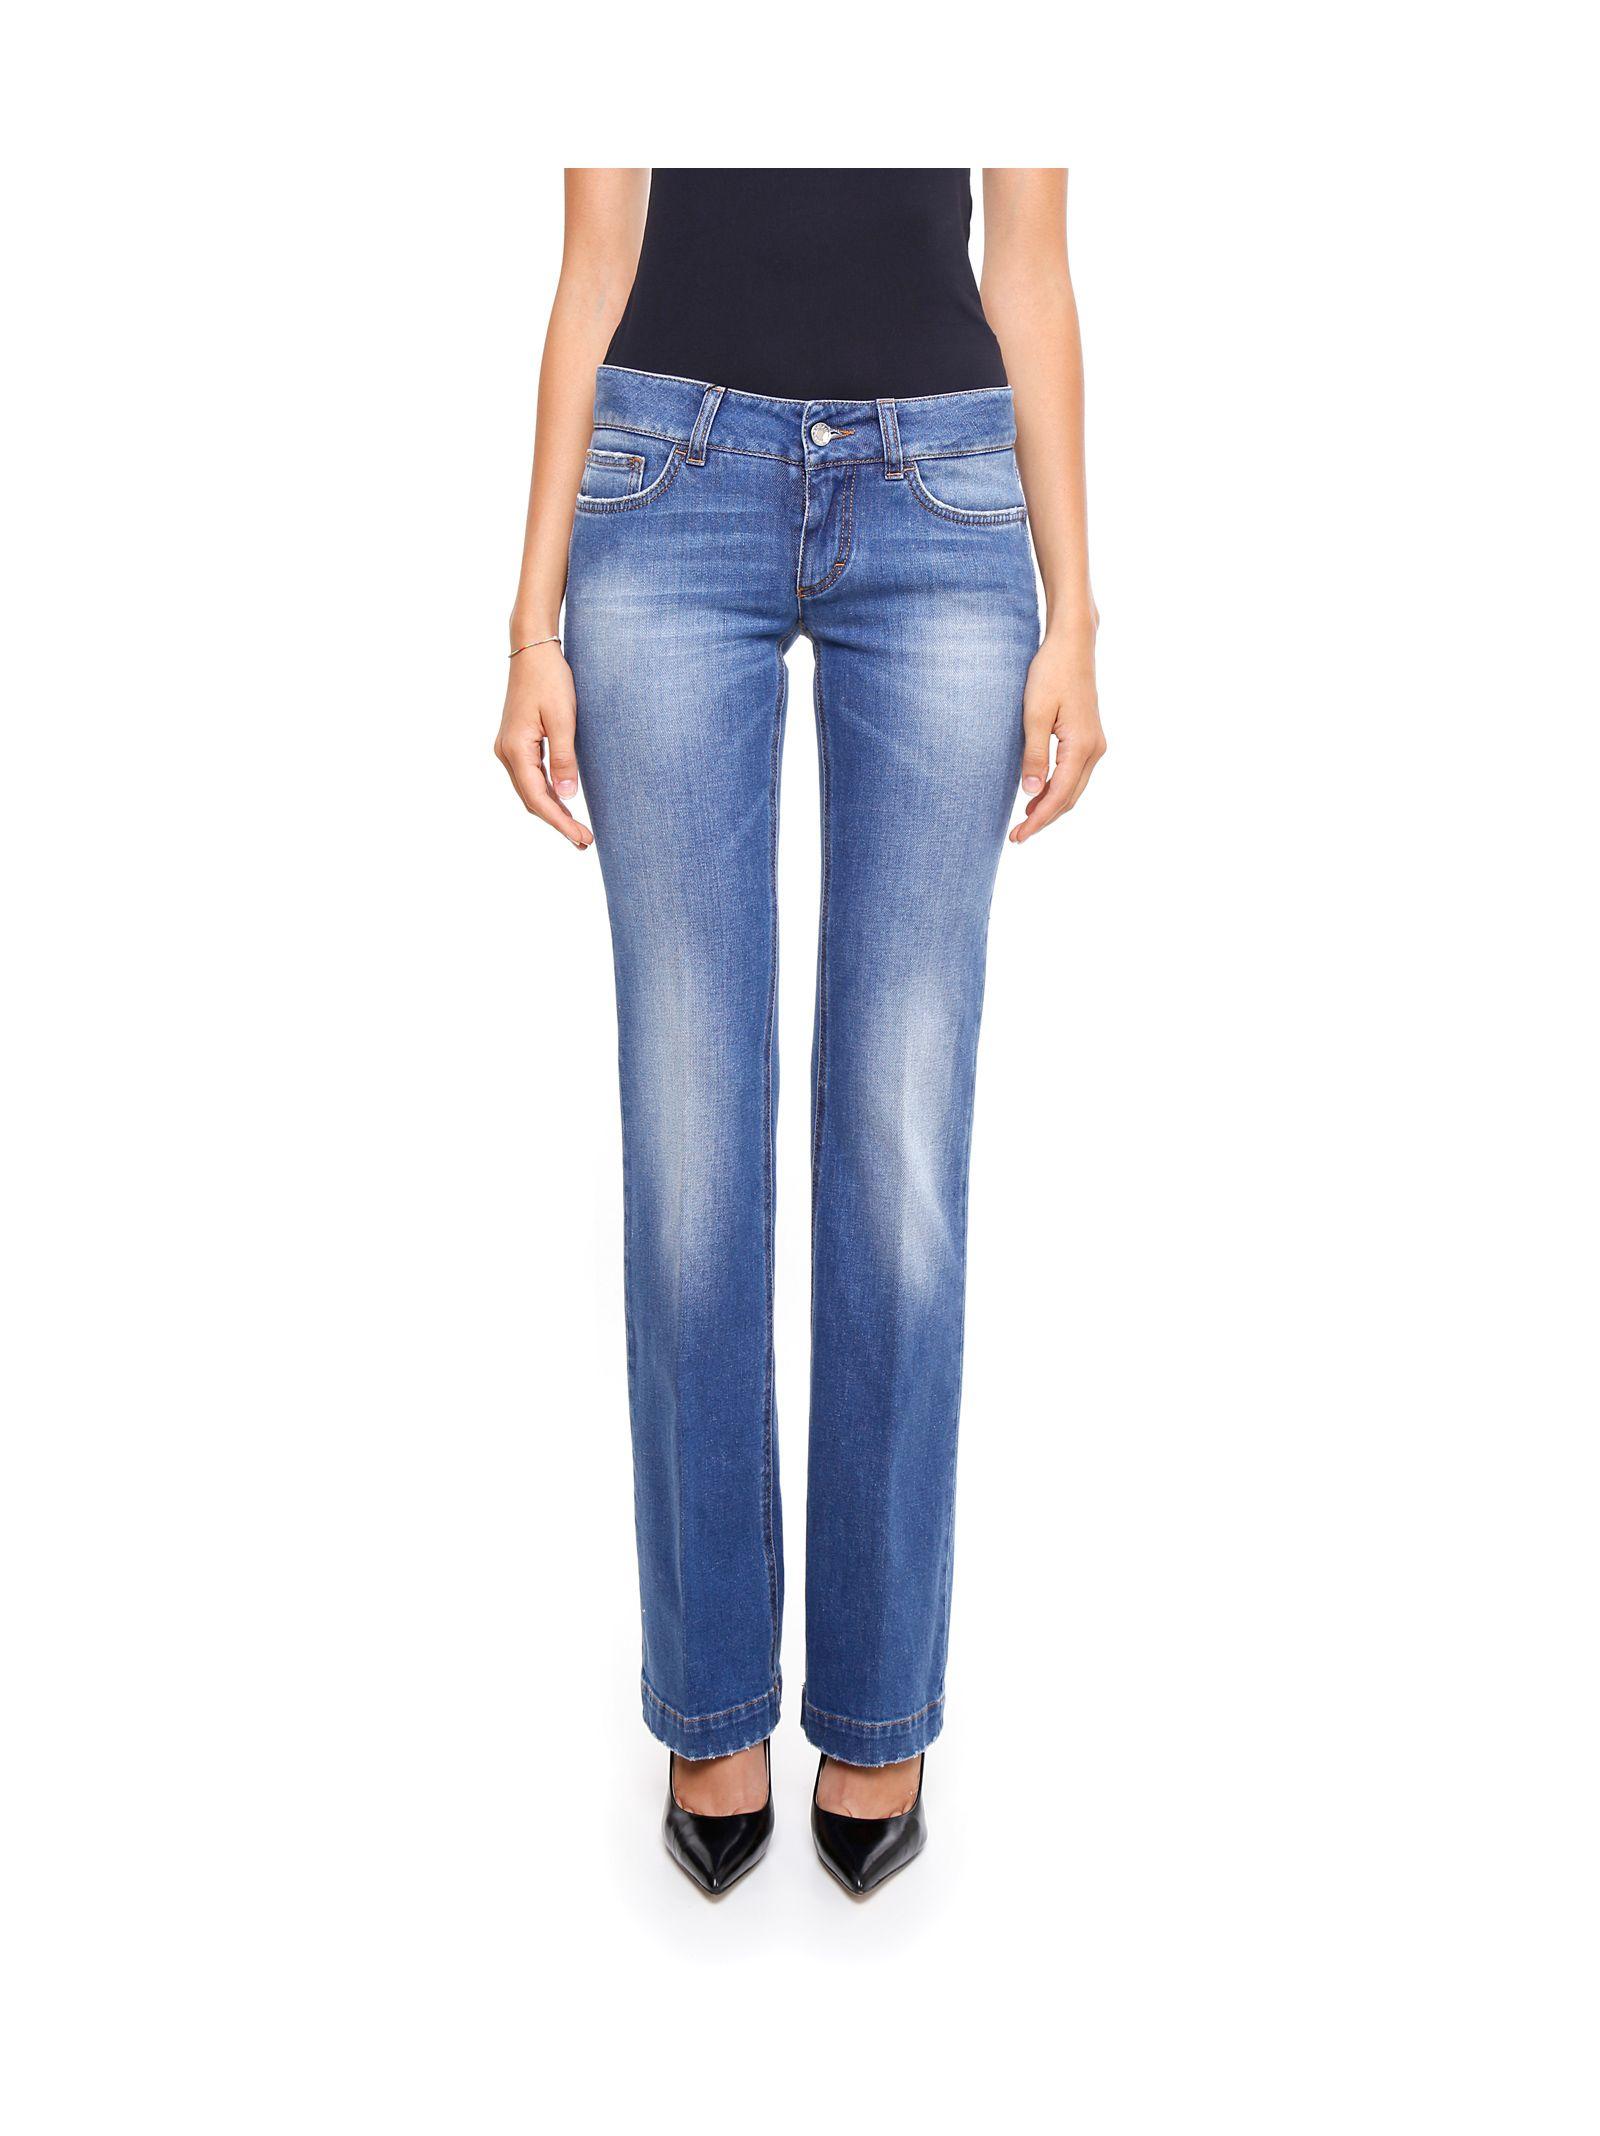 Jeanși de damă DOLCE & GABBANA, din bumbac, cu talie joasă